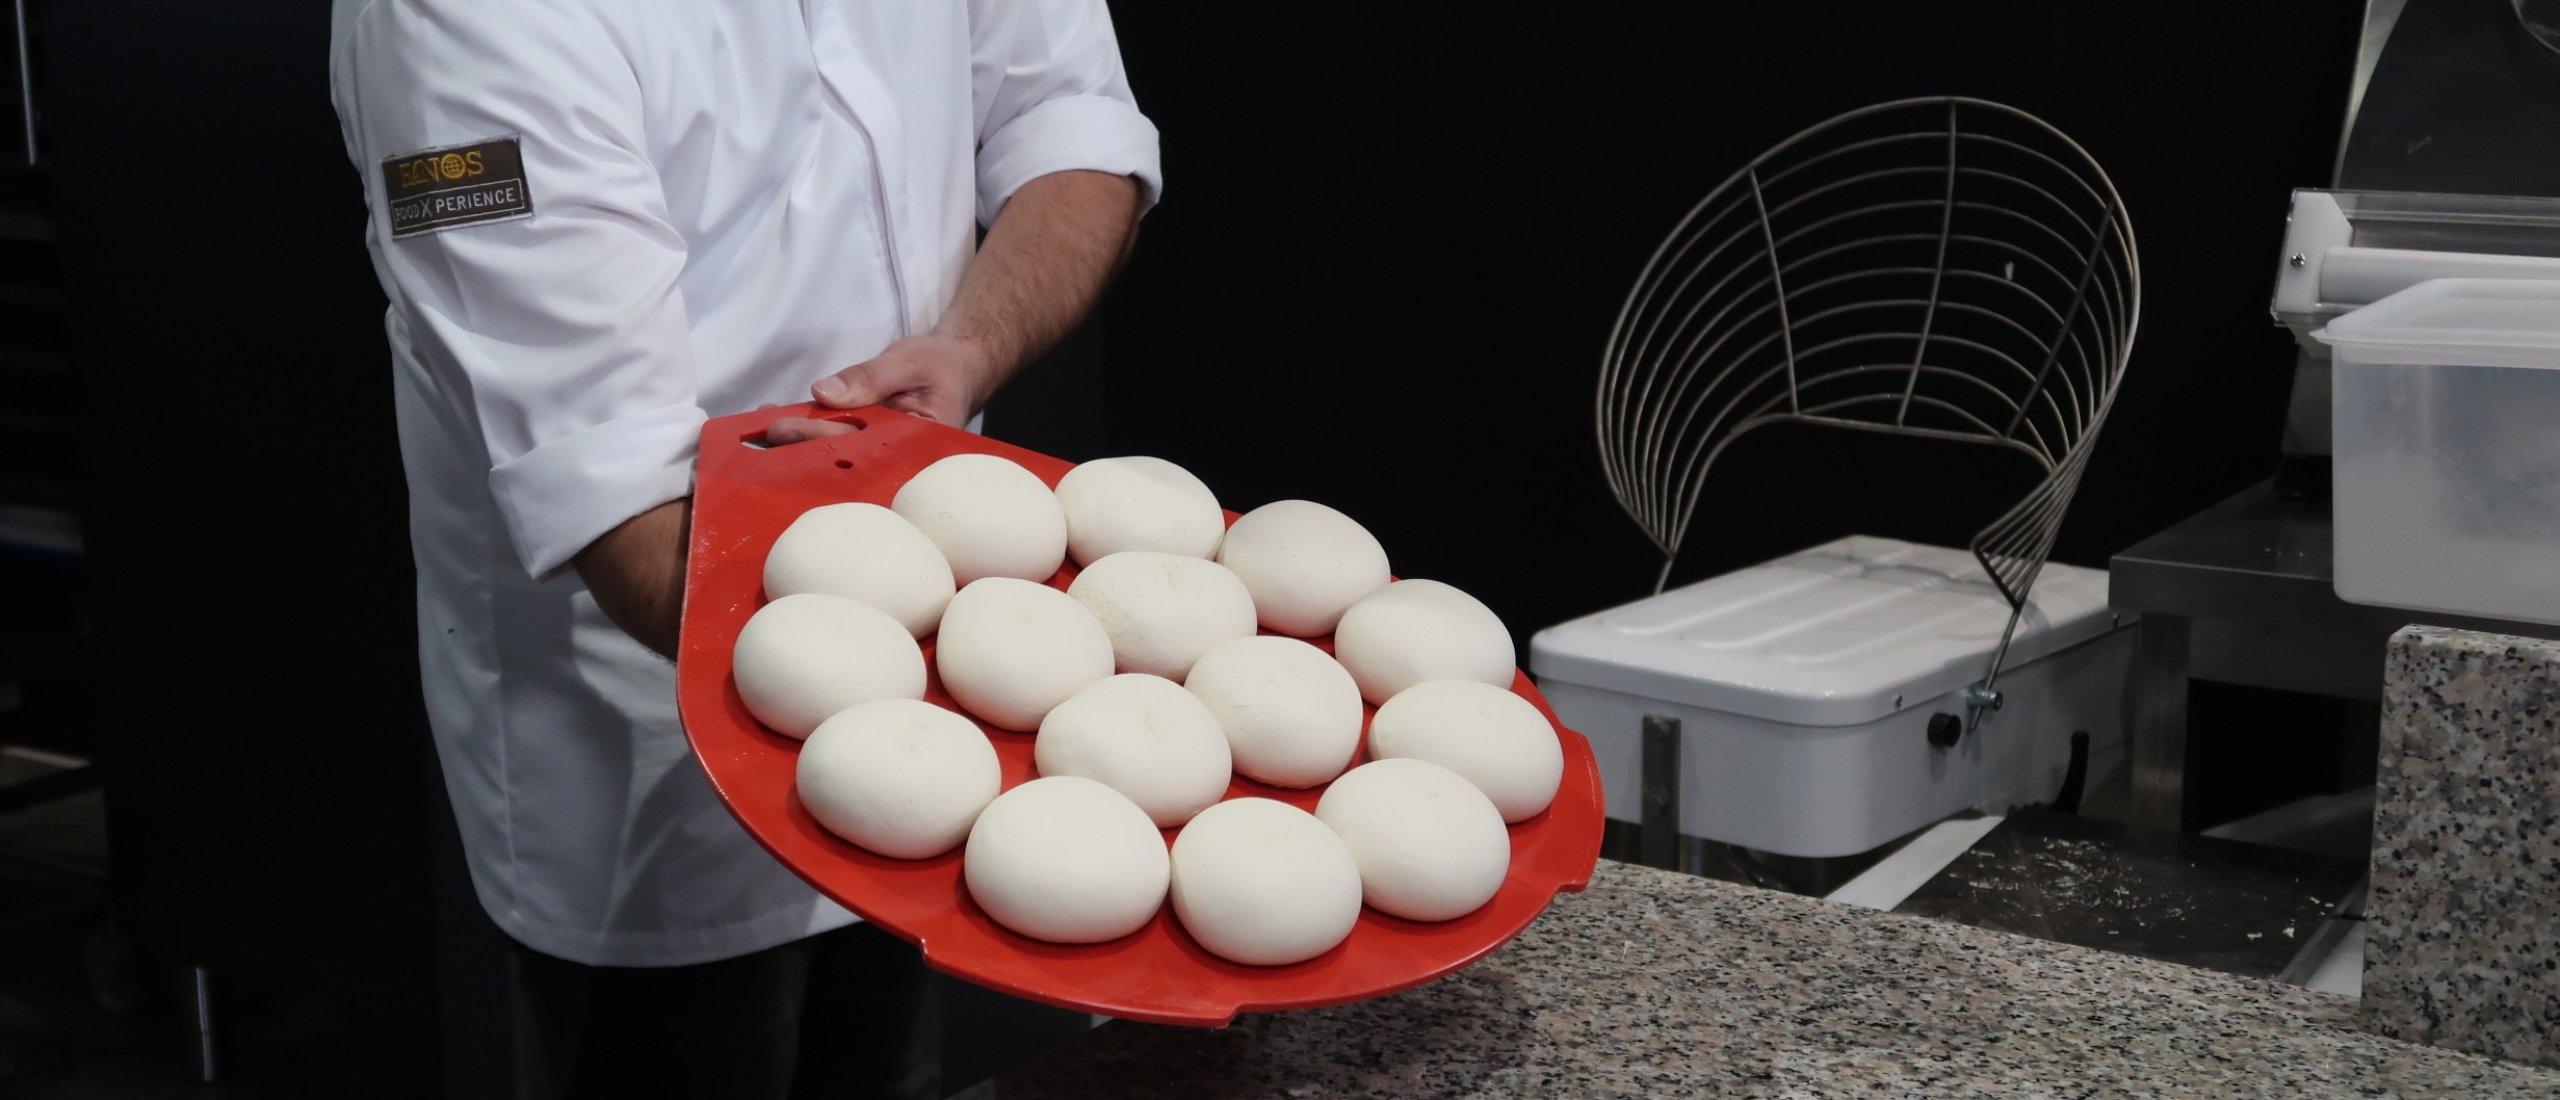 Zo maak je perfecte pizzadeegbollen in 8 seconden